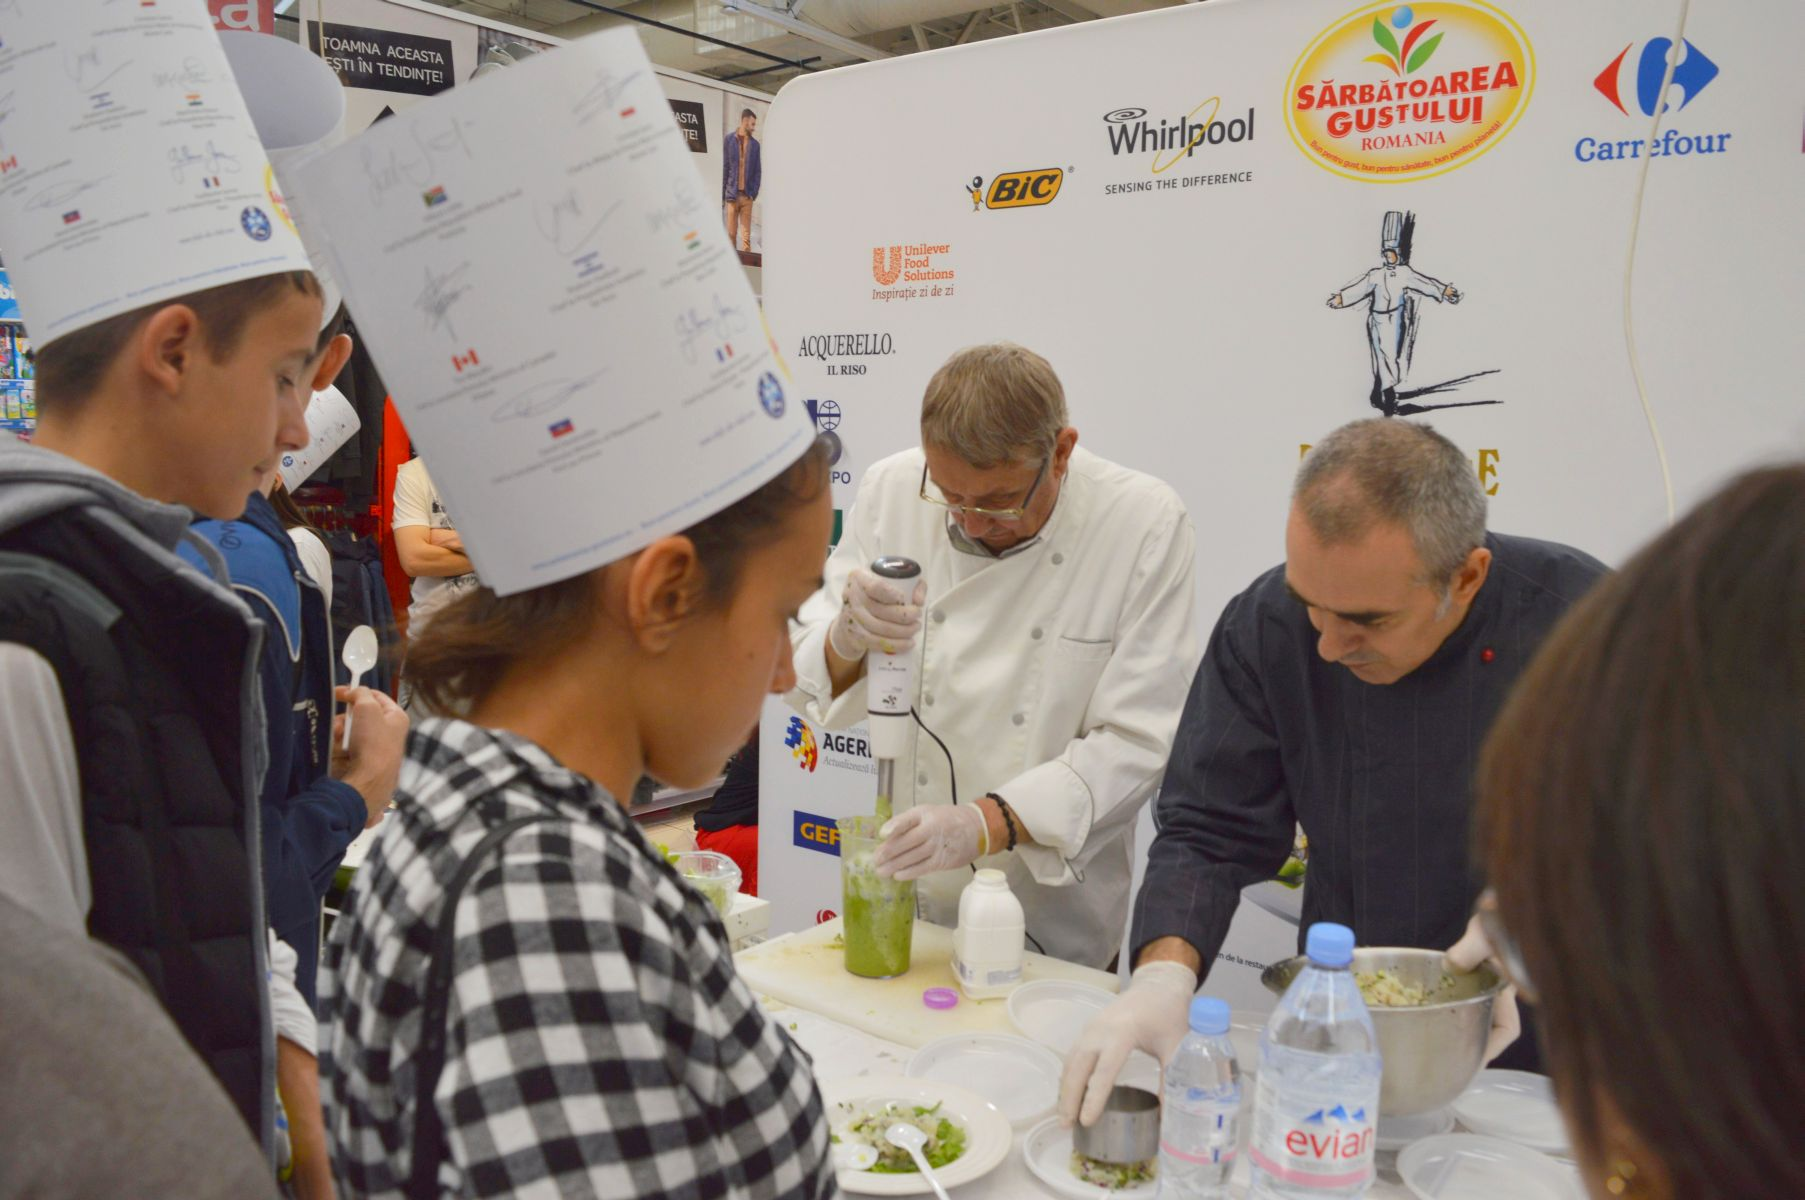 Atelier_Culinar_Sarbatoarea_Gustului_Carrefour_Orhidea_Atelier_Educational_10